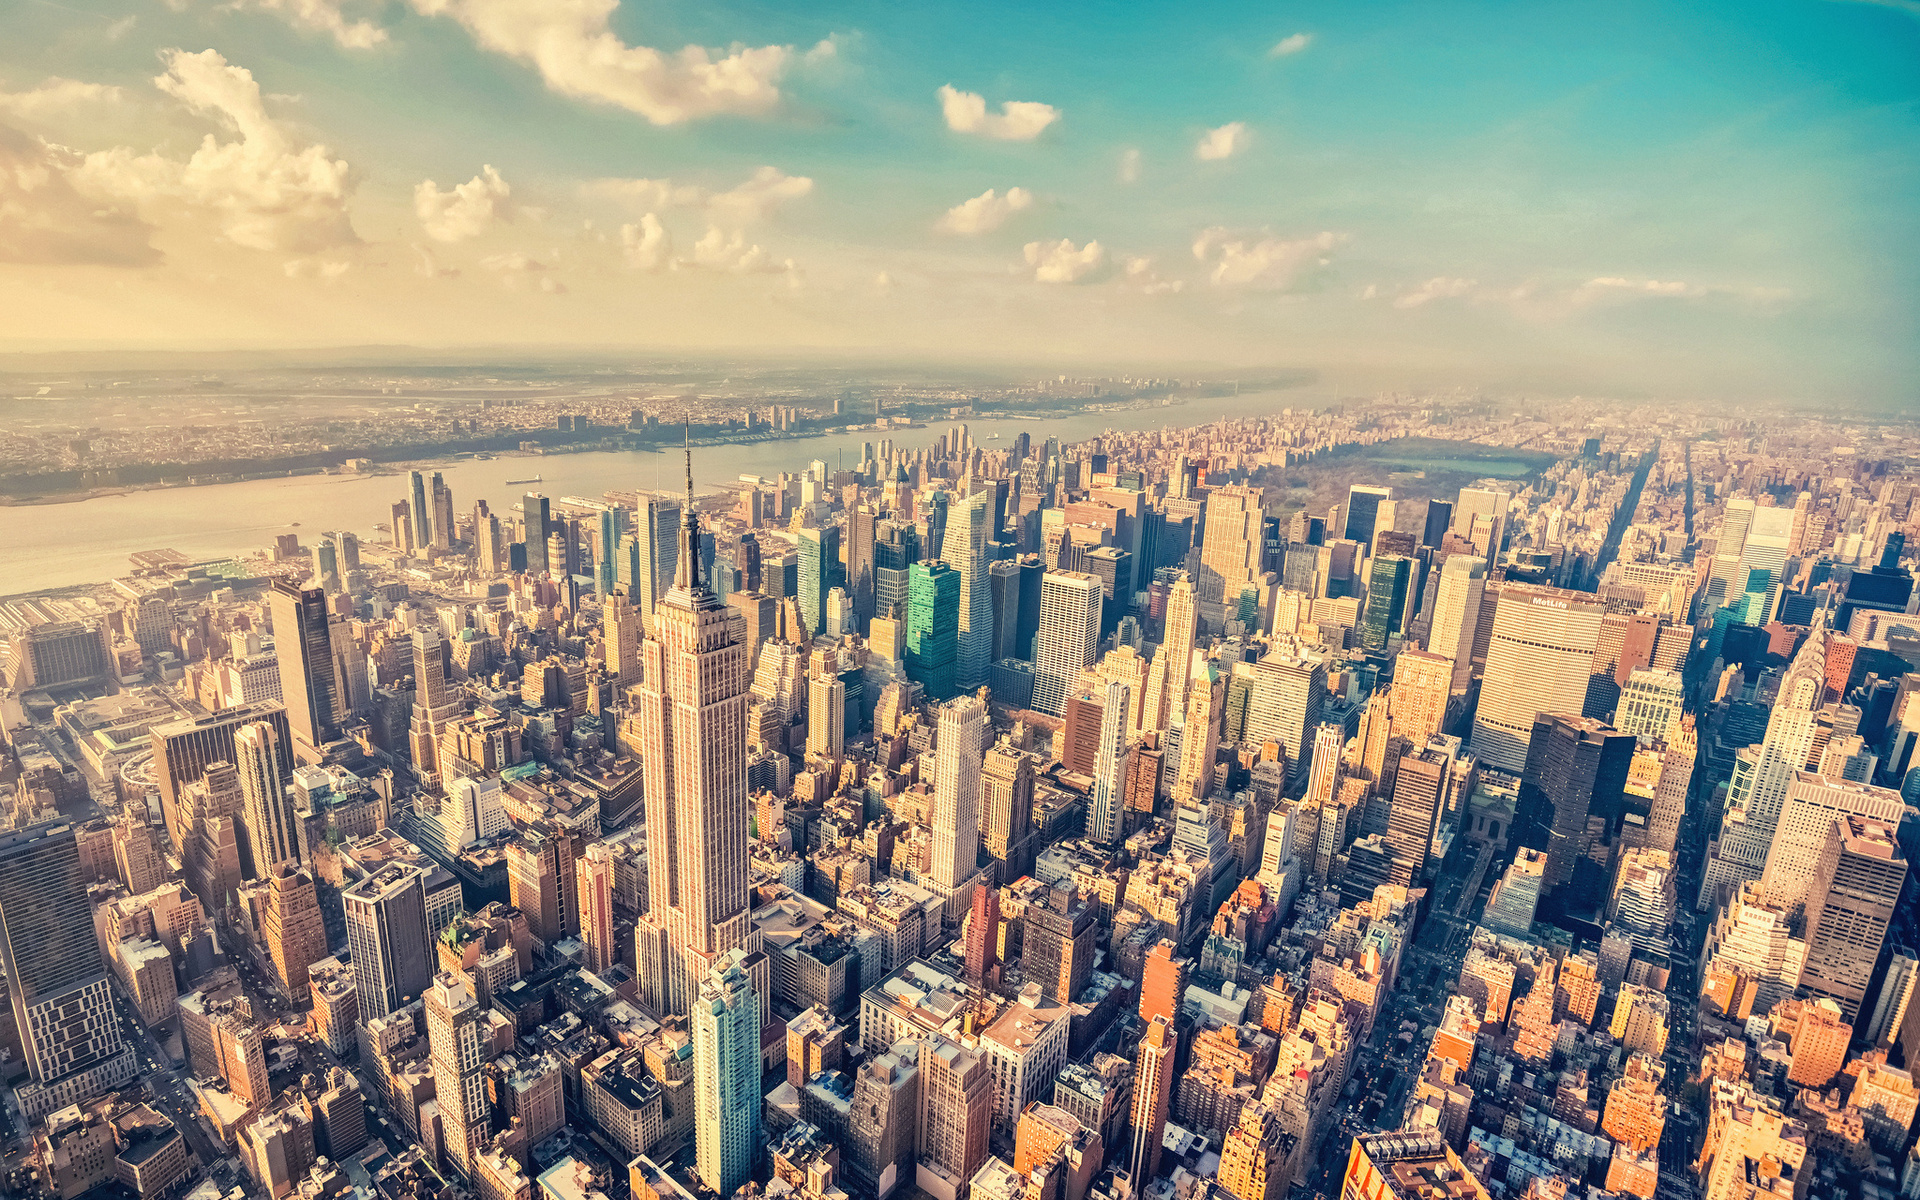 Скачать картинку Пейзаж, Города, Небо, Облака в телефон бесплатно.